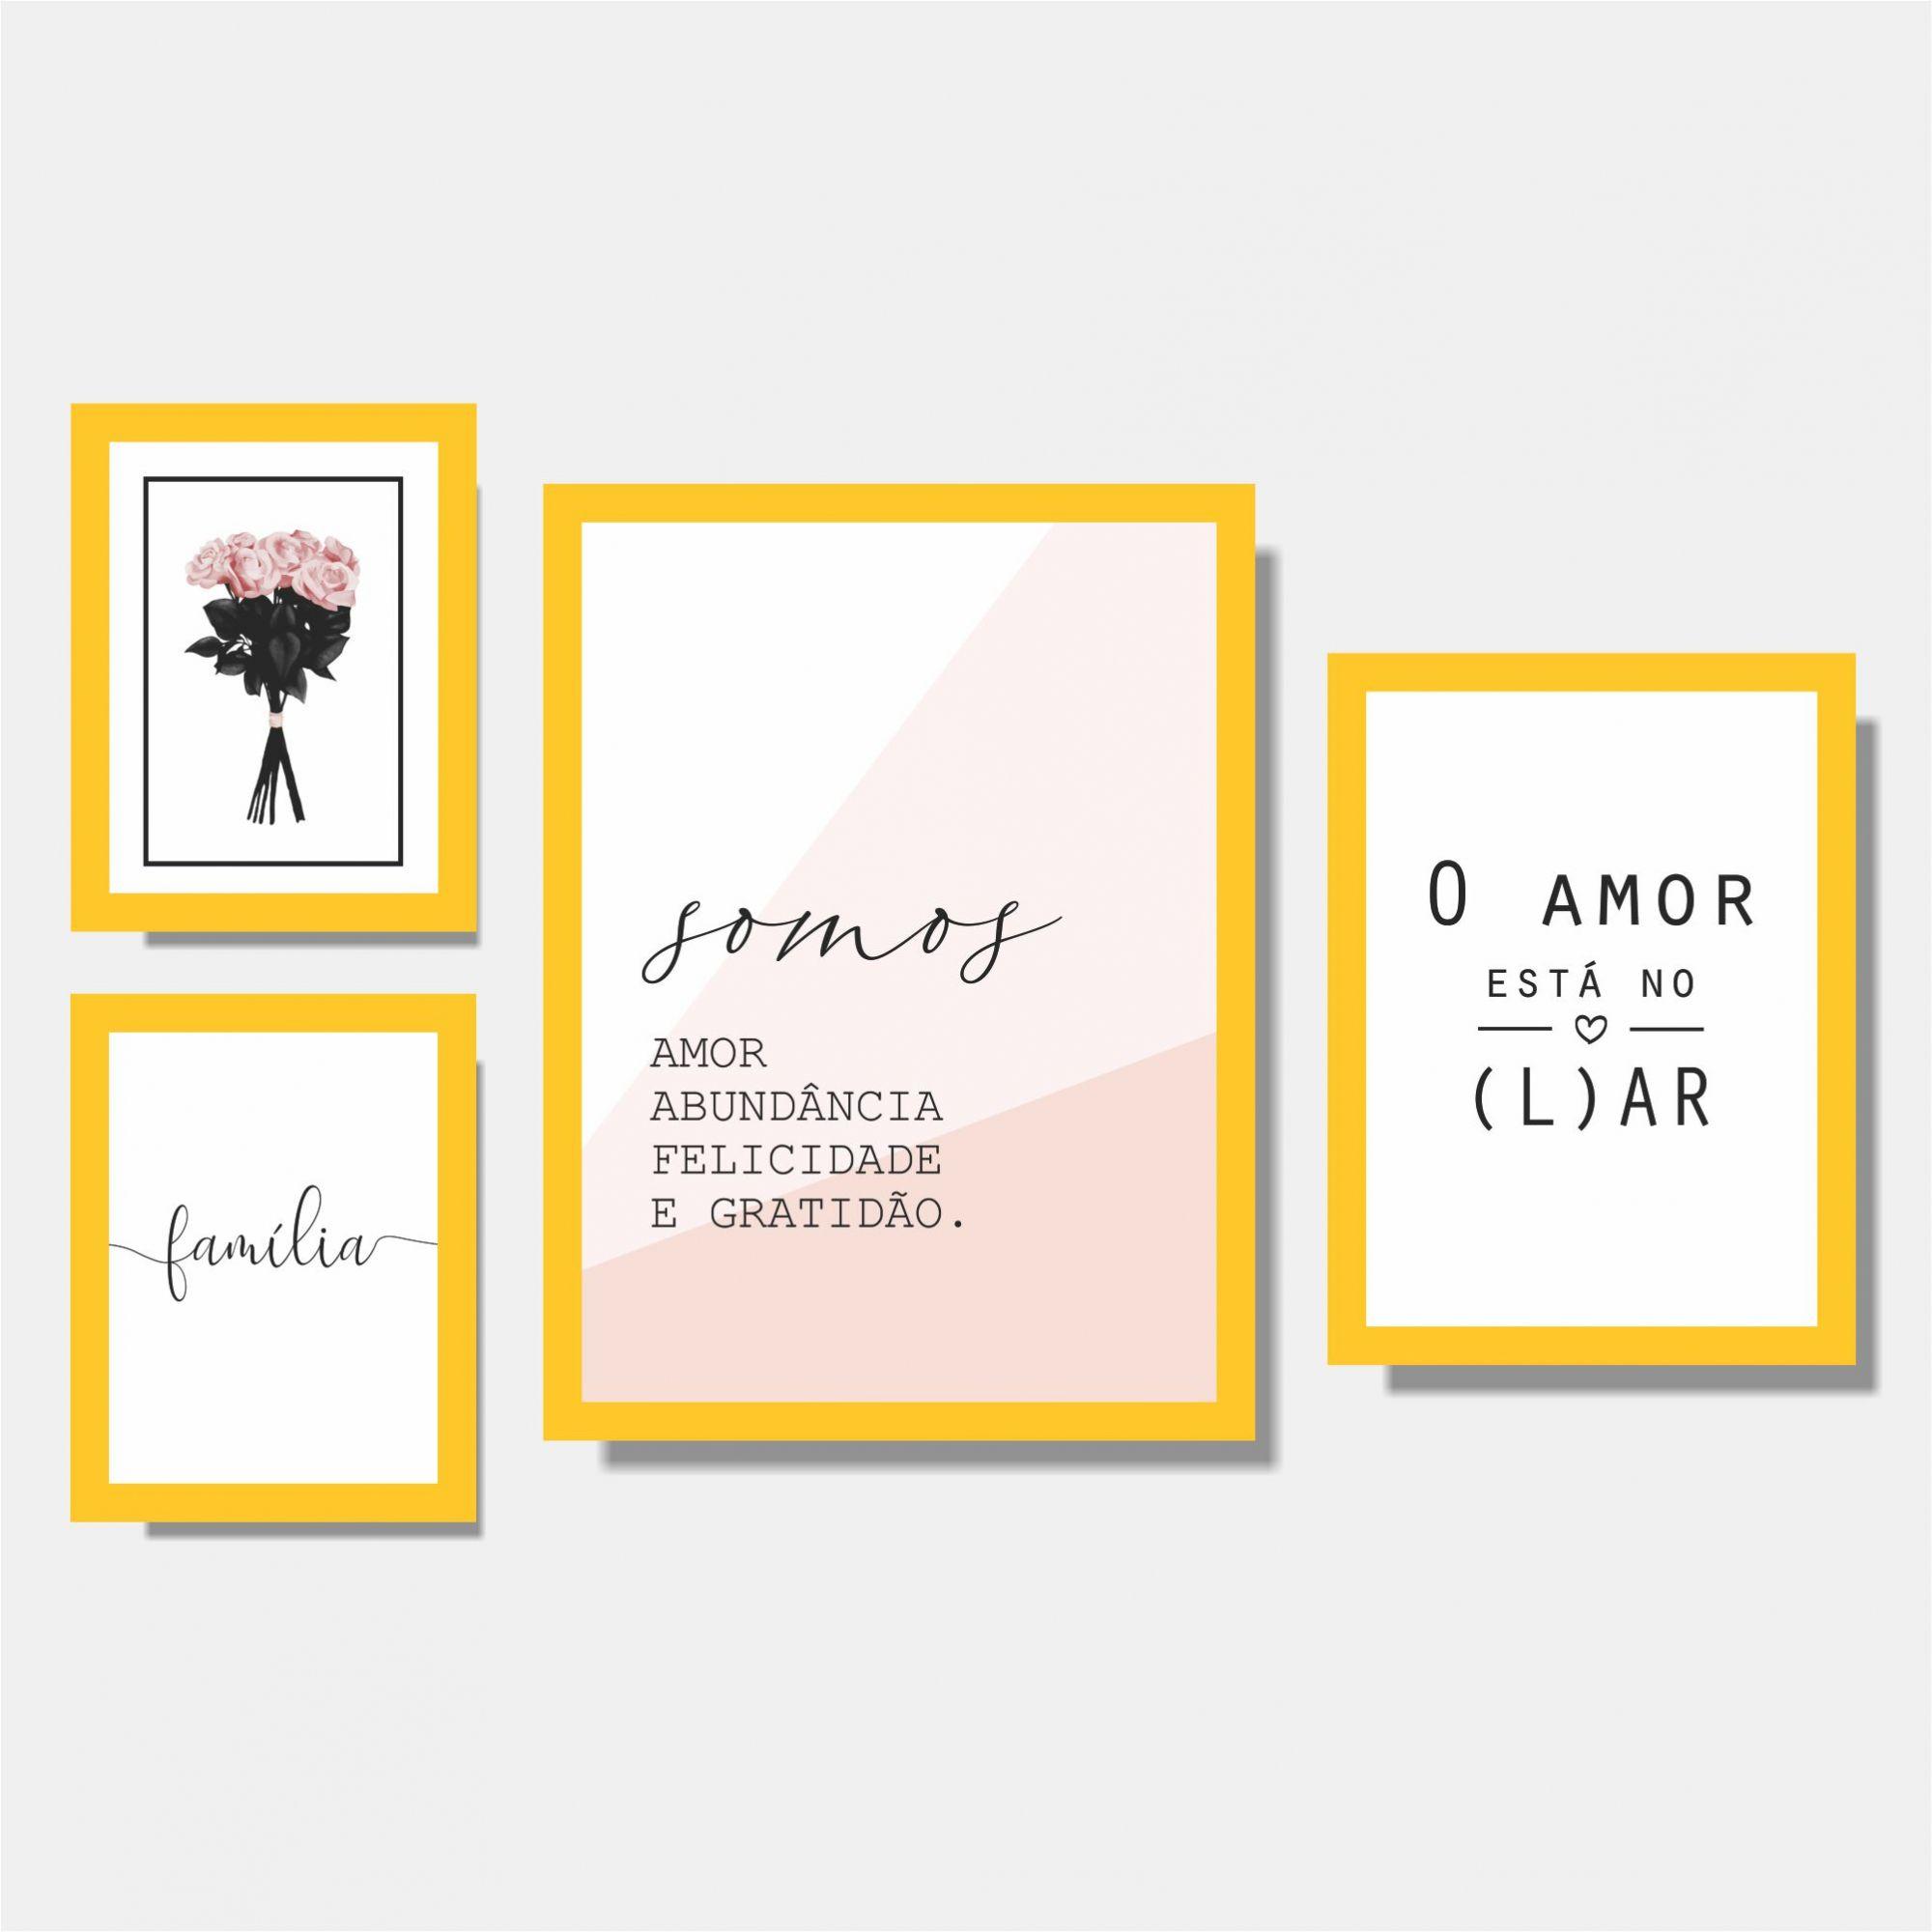 Kit Conjunto Quadros para Sala - Rosas / Família / Somos Amor / O Amor está no Lar